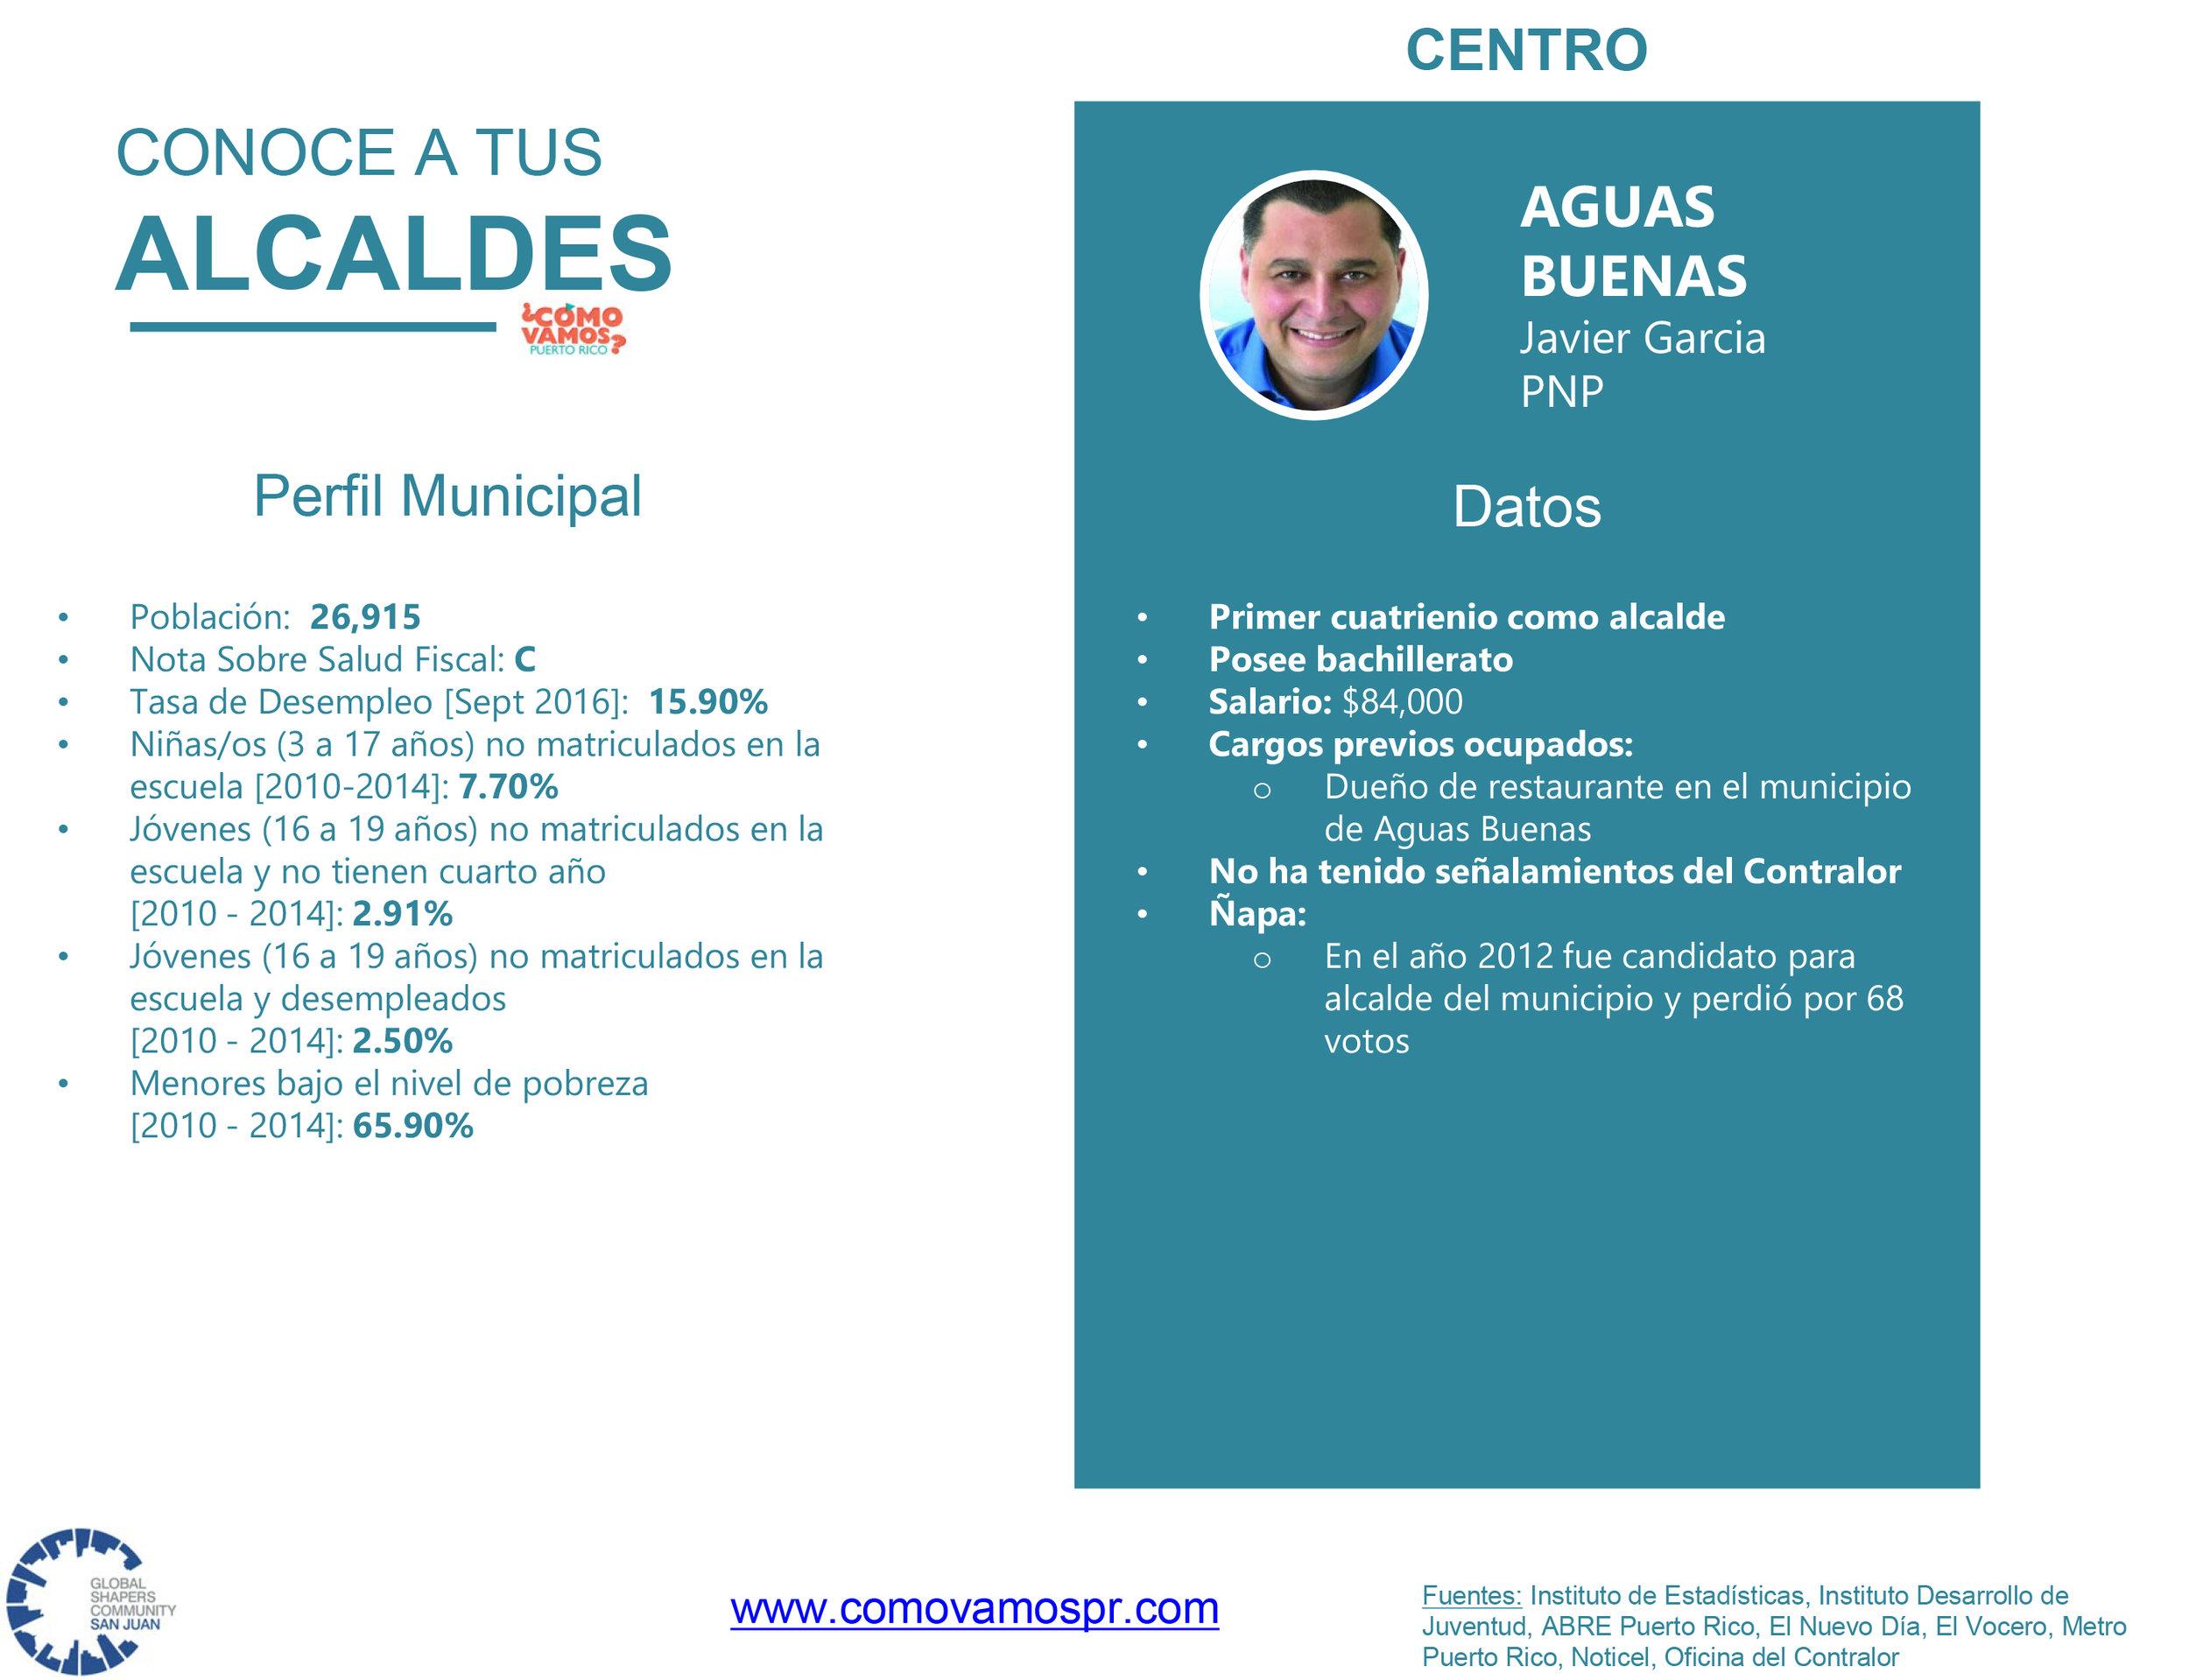 Alcaldes_Centro_AguasBuenas.jpg